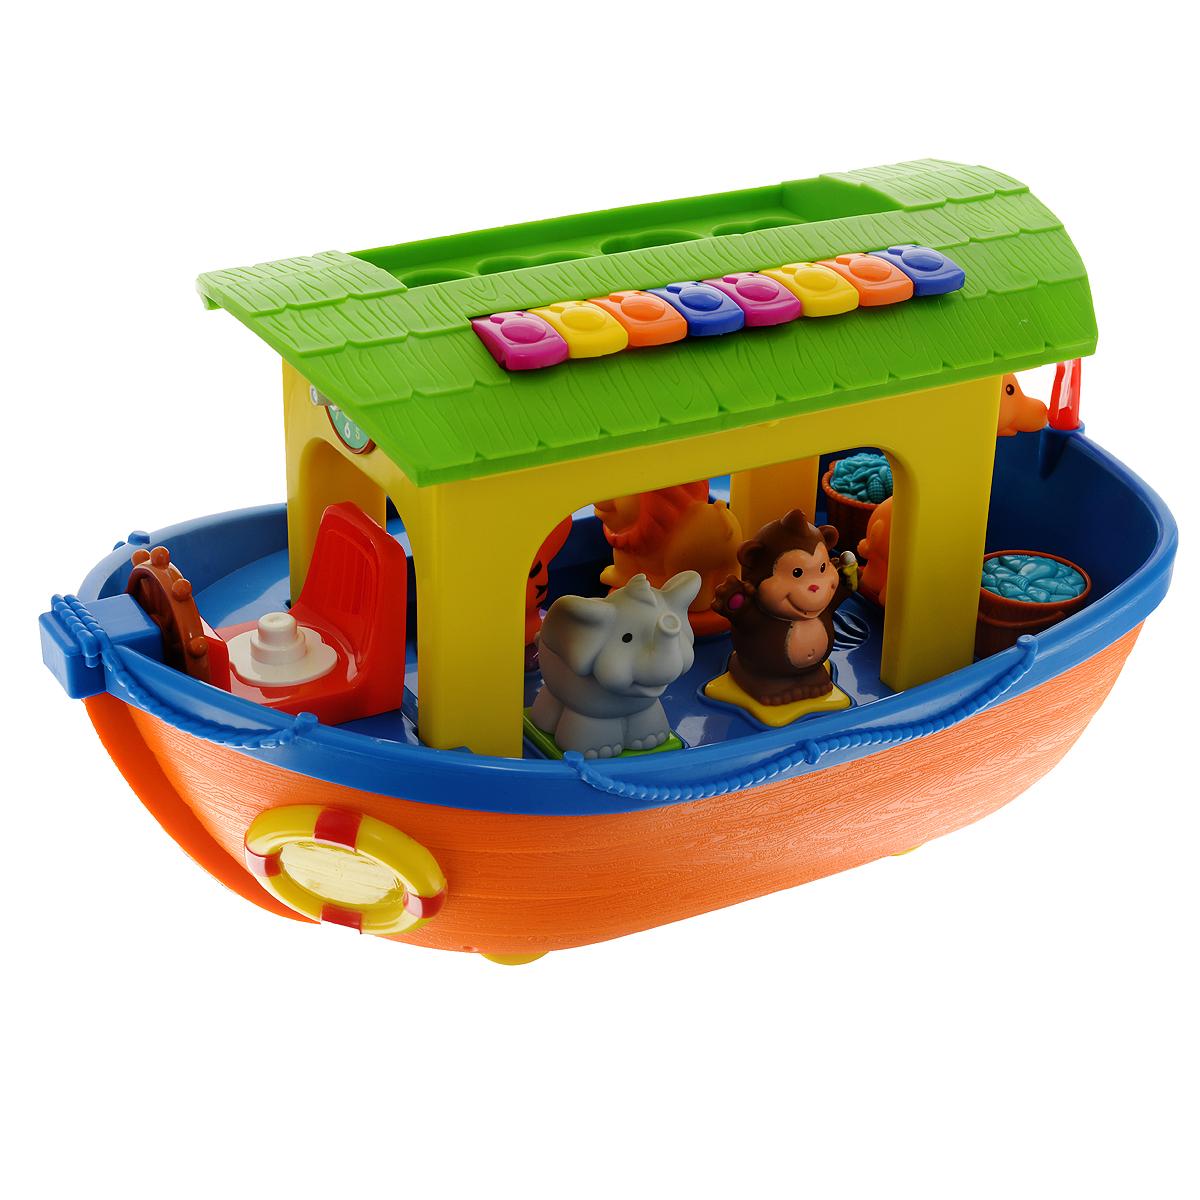 Развивающая игрушка Kiddieland Ноев ковчегKID 049734Яркая развивающая игрушка Kiddieland Ноев ковчег непременно понравится любому малышу. Она выполнена из прочного безопасного пластика ярких цветов в виде вместительного ковчега Ноя с животными: овечкой, свинкой, коровкой, лошадкой, львенком, тигренком, слоником, обезьянкой и жирафом. Дикие животные путешествуют на нижней палубе, домашние - удобно устроились на верхней. Фигурки животных ребенок должен вставлять в соответствующие отверстия геометрических фигур по принципу сортера. Если малыш справляется с задачей успешно, животные читают стишки на русском языке, издают соответствующие реалистичные звуки. Игрушка русифицирована и озвучена русскими актерами. При нажатии на животных и разные кнопки звучат стихи на русском языке. За штурвалом ковчега Ной. При повороте штурвала против часовой стрелки раздается звон колокола, по часовой - звук корабельного двигателя или плеск воды. При нажатии на бочонки с рыбой звучат веселые стишки, а Ной поет песню о Ковчеге. На крыше кораблика...